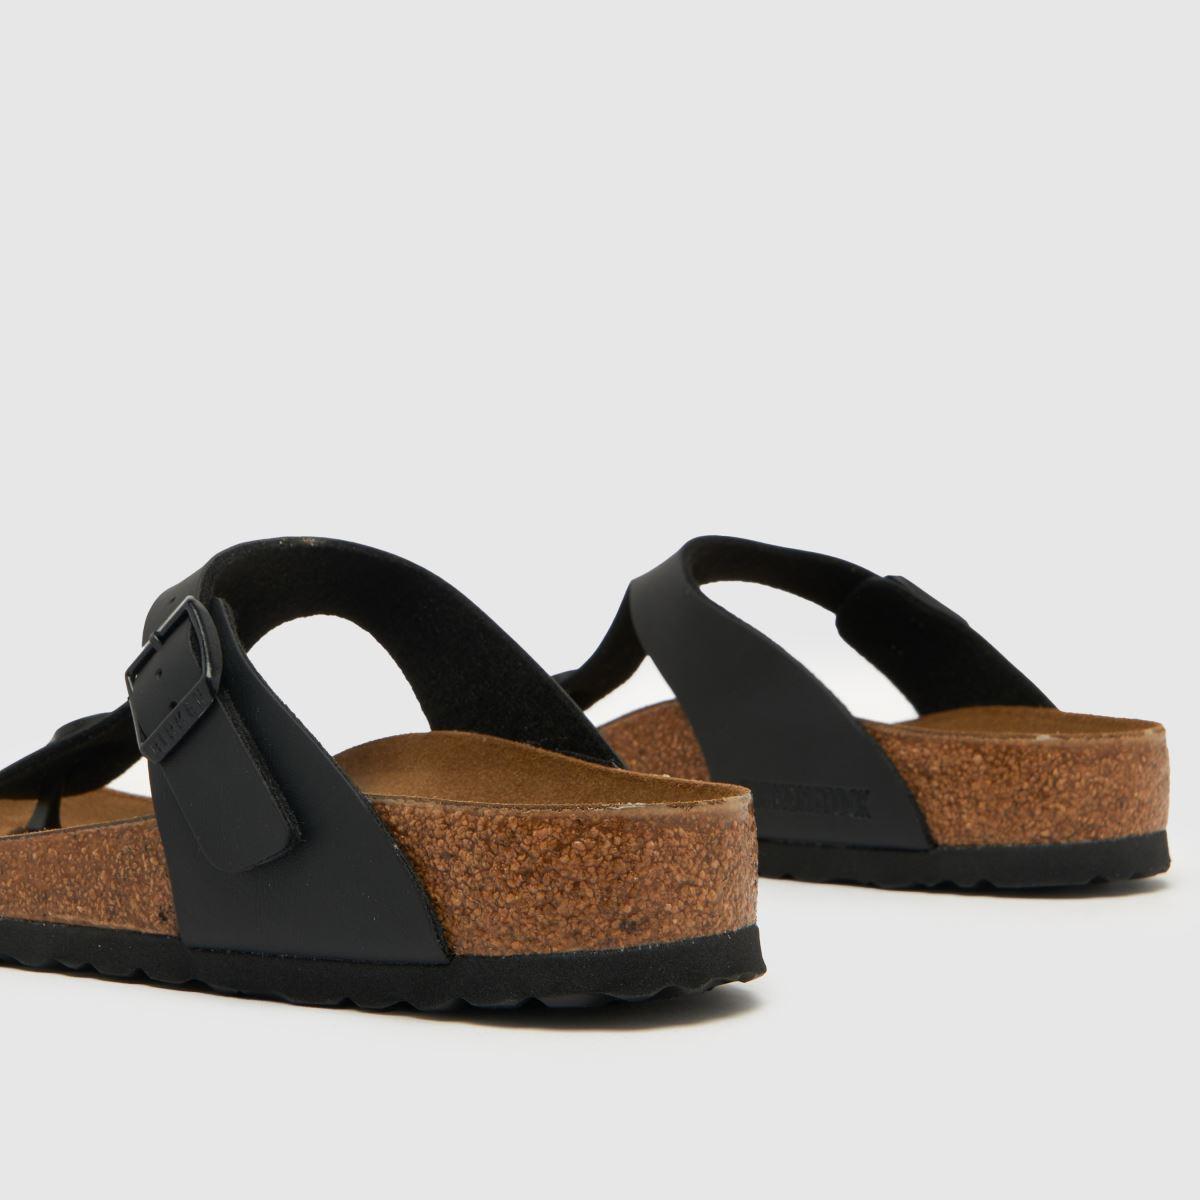 Damen Schwarz birkenstock Gizeh Qualität Sandalen | schuh Gute Qualität Gizeh beliebte Schuhe 88da8f